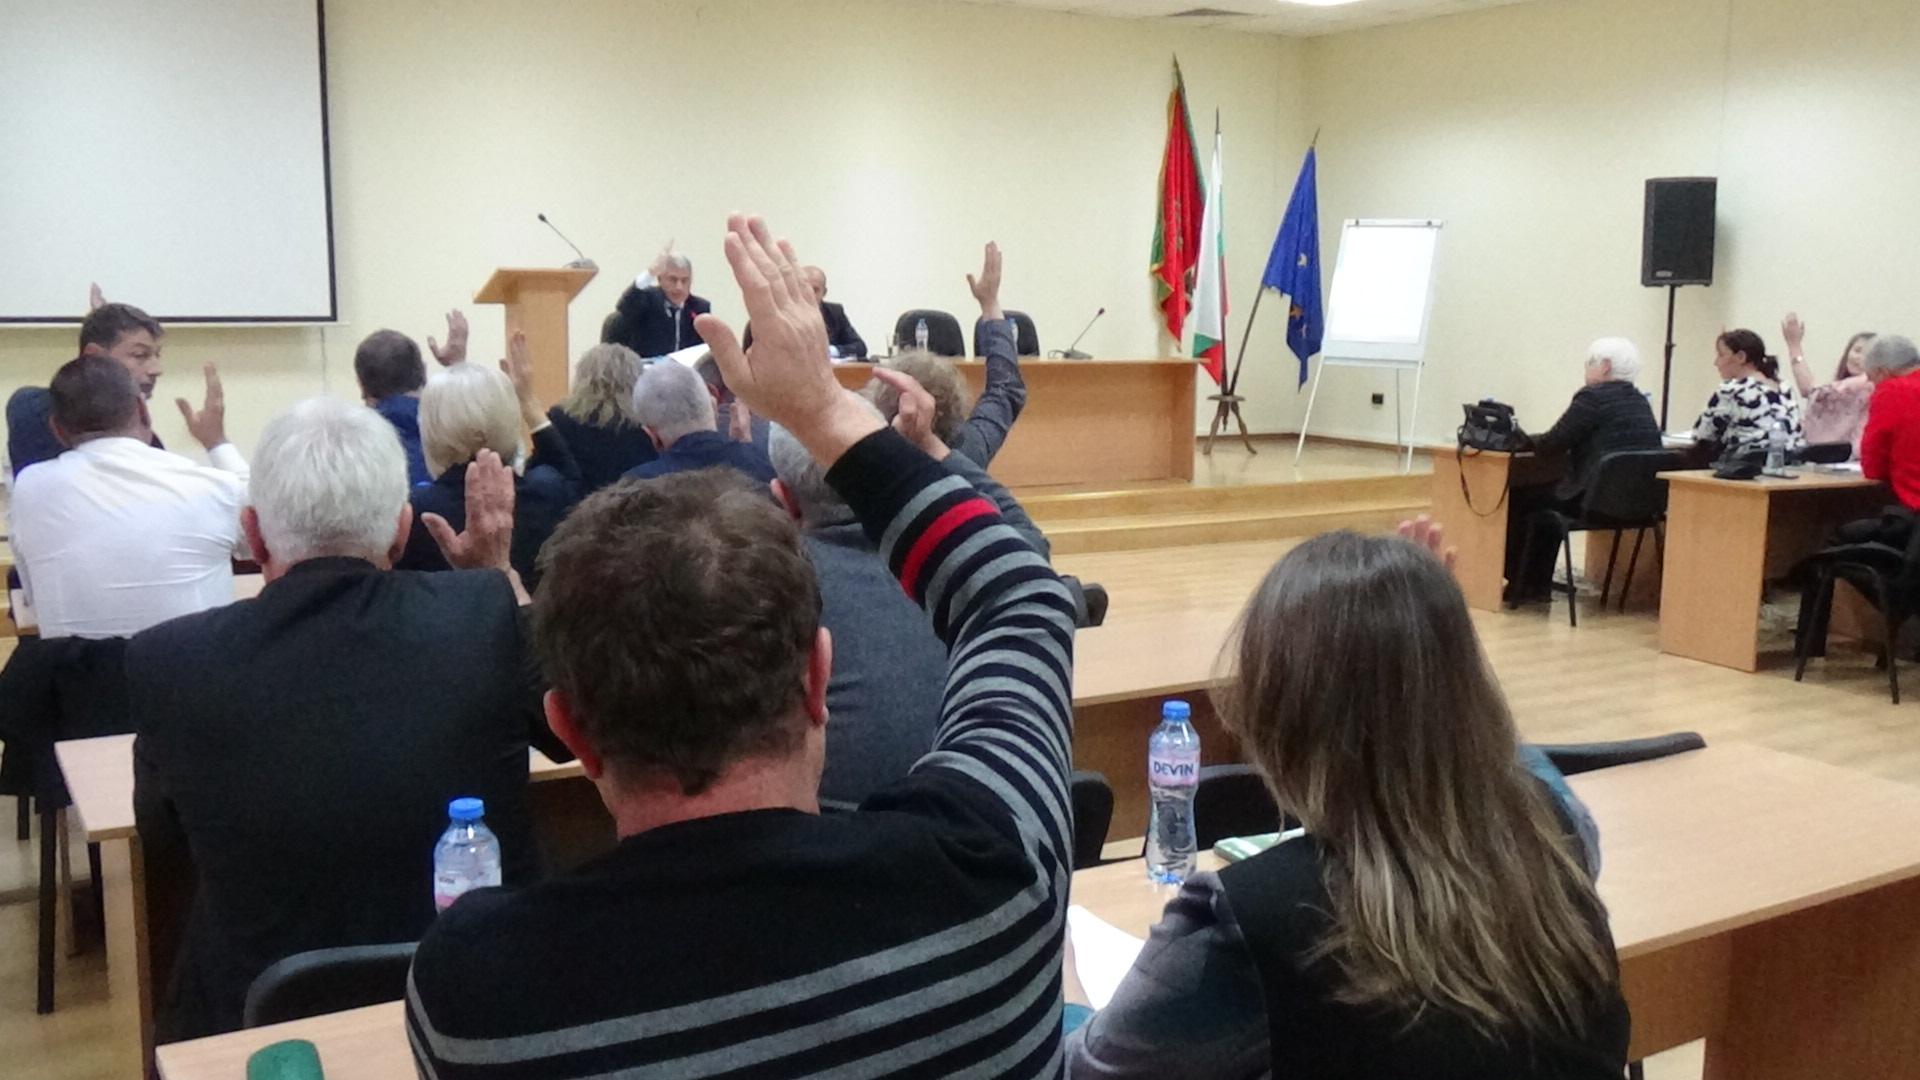 Общинският съвет определи пълномощията на кметски наместник в населени места в състава на Община Панагюрище